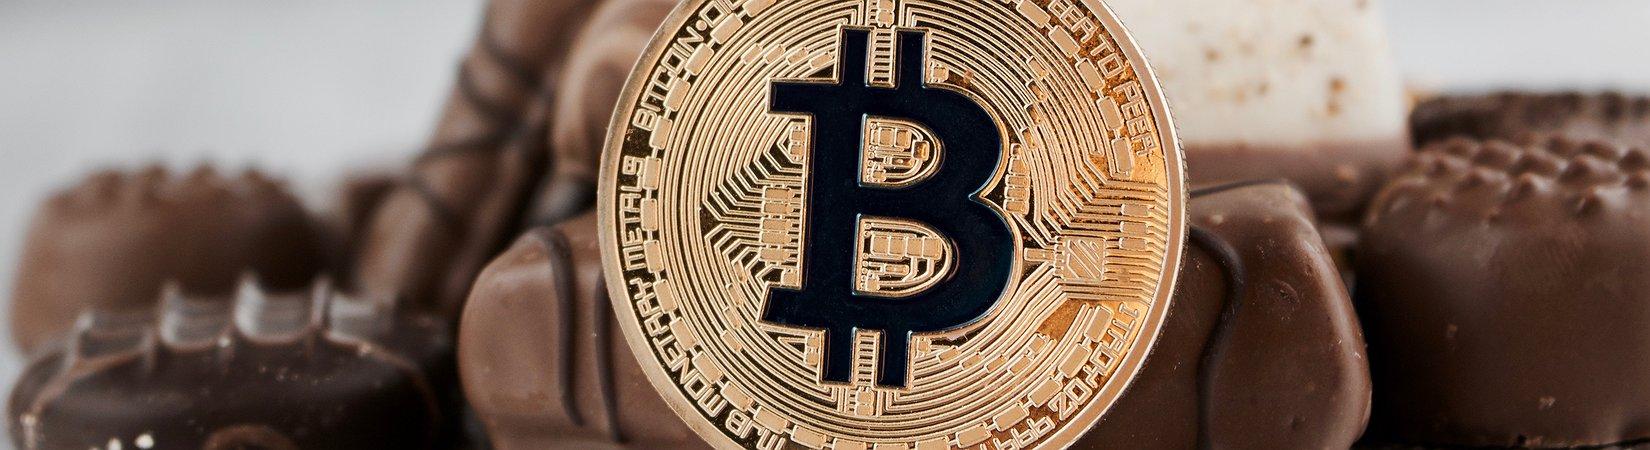 Где хранить биткоины: Как выбрать и защитить биткоин-кошелек